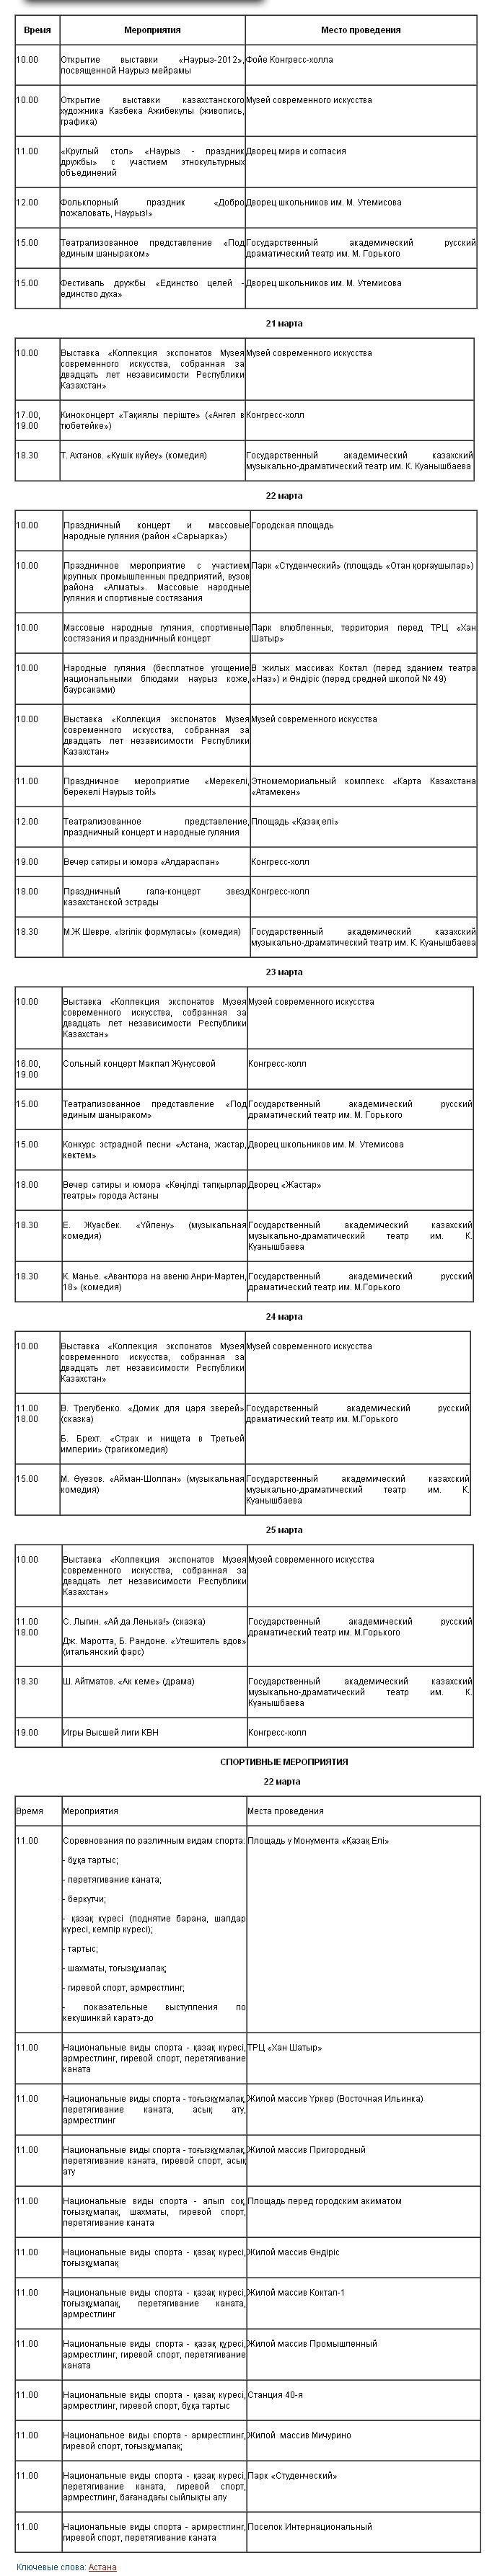 Программы праздничных мероприятий «Наурыз-2012»: Алматы, Астана, Усть-Каменогорск, Актау, Костанай